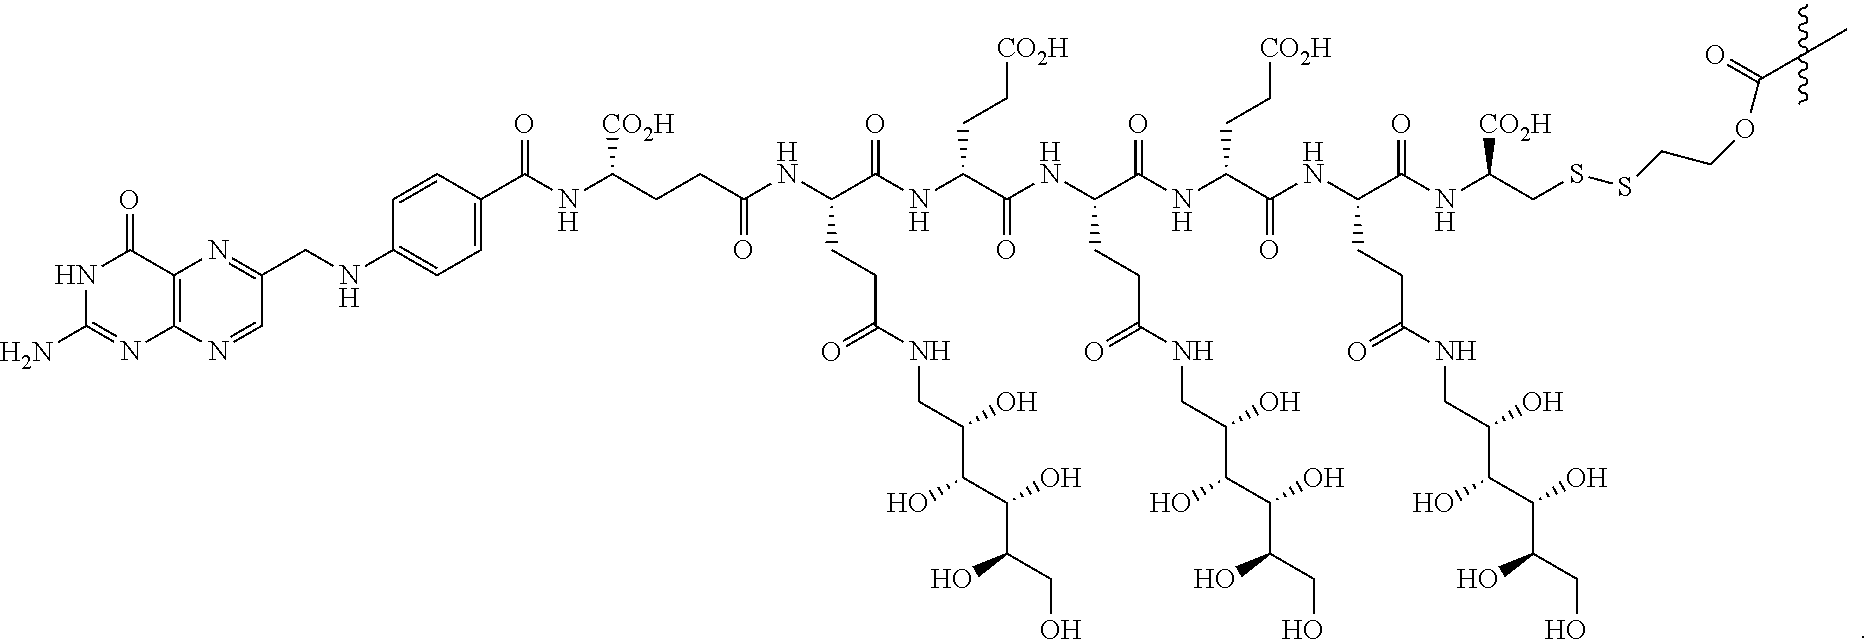 Figure US09662402-20170530-C00020